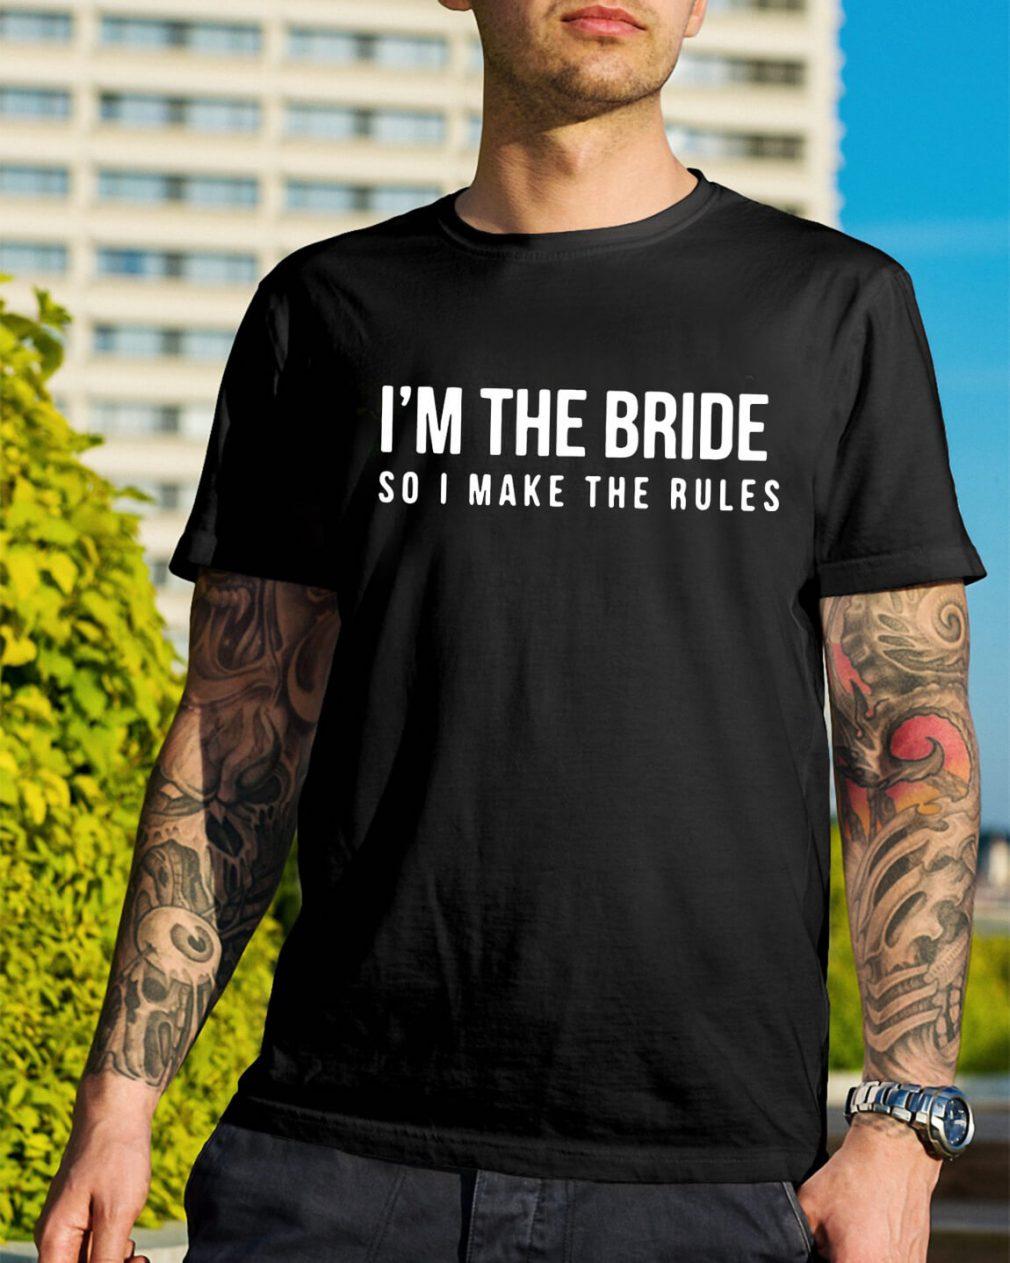 I'm the bride so I make the rules shirt